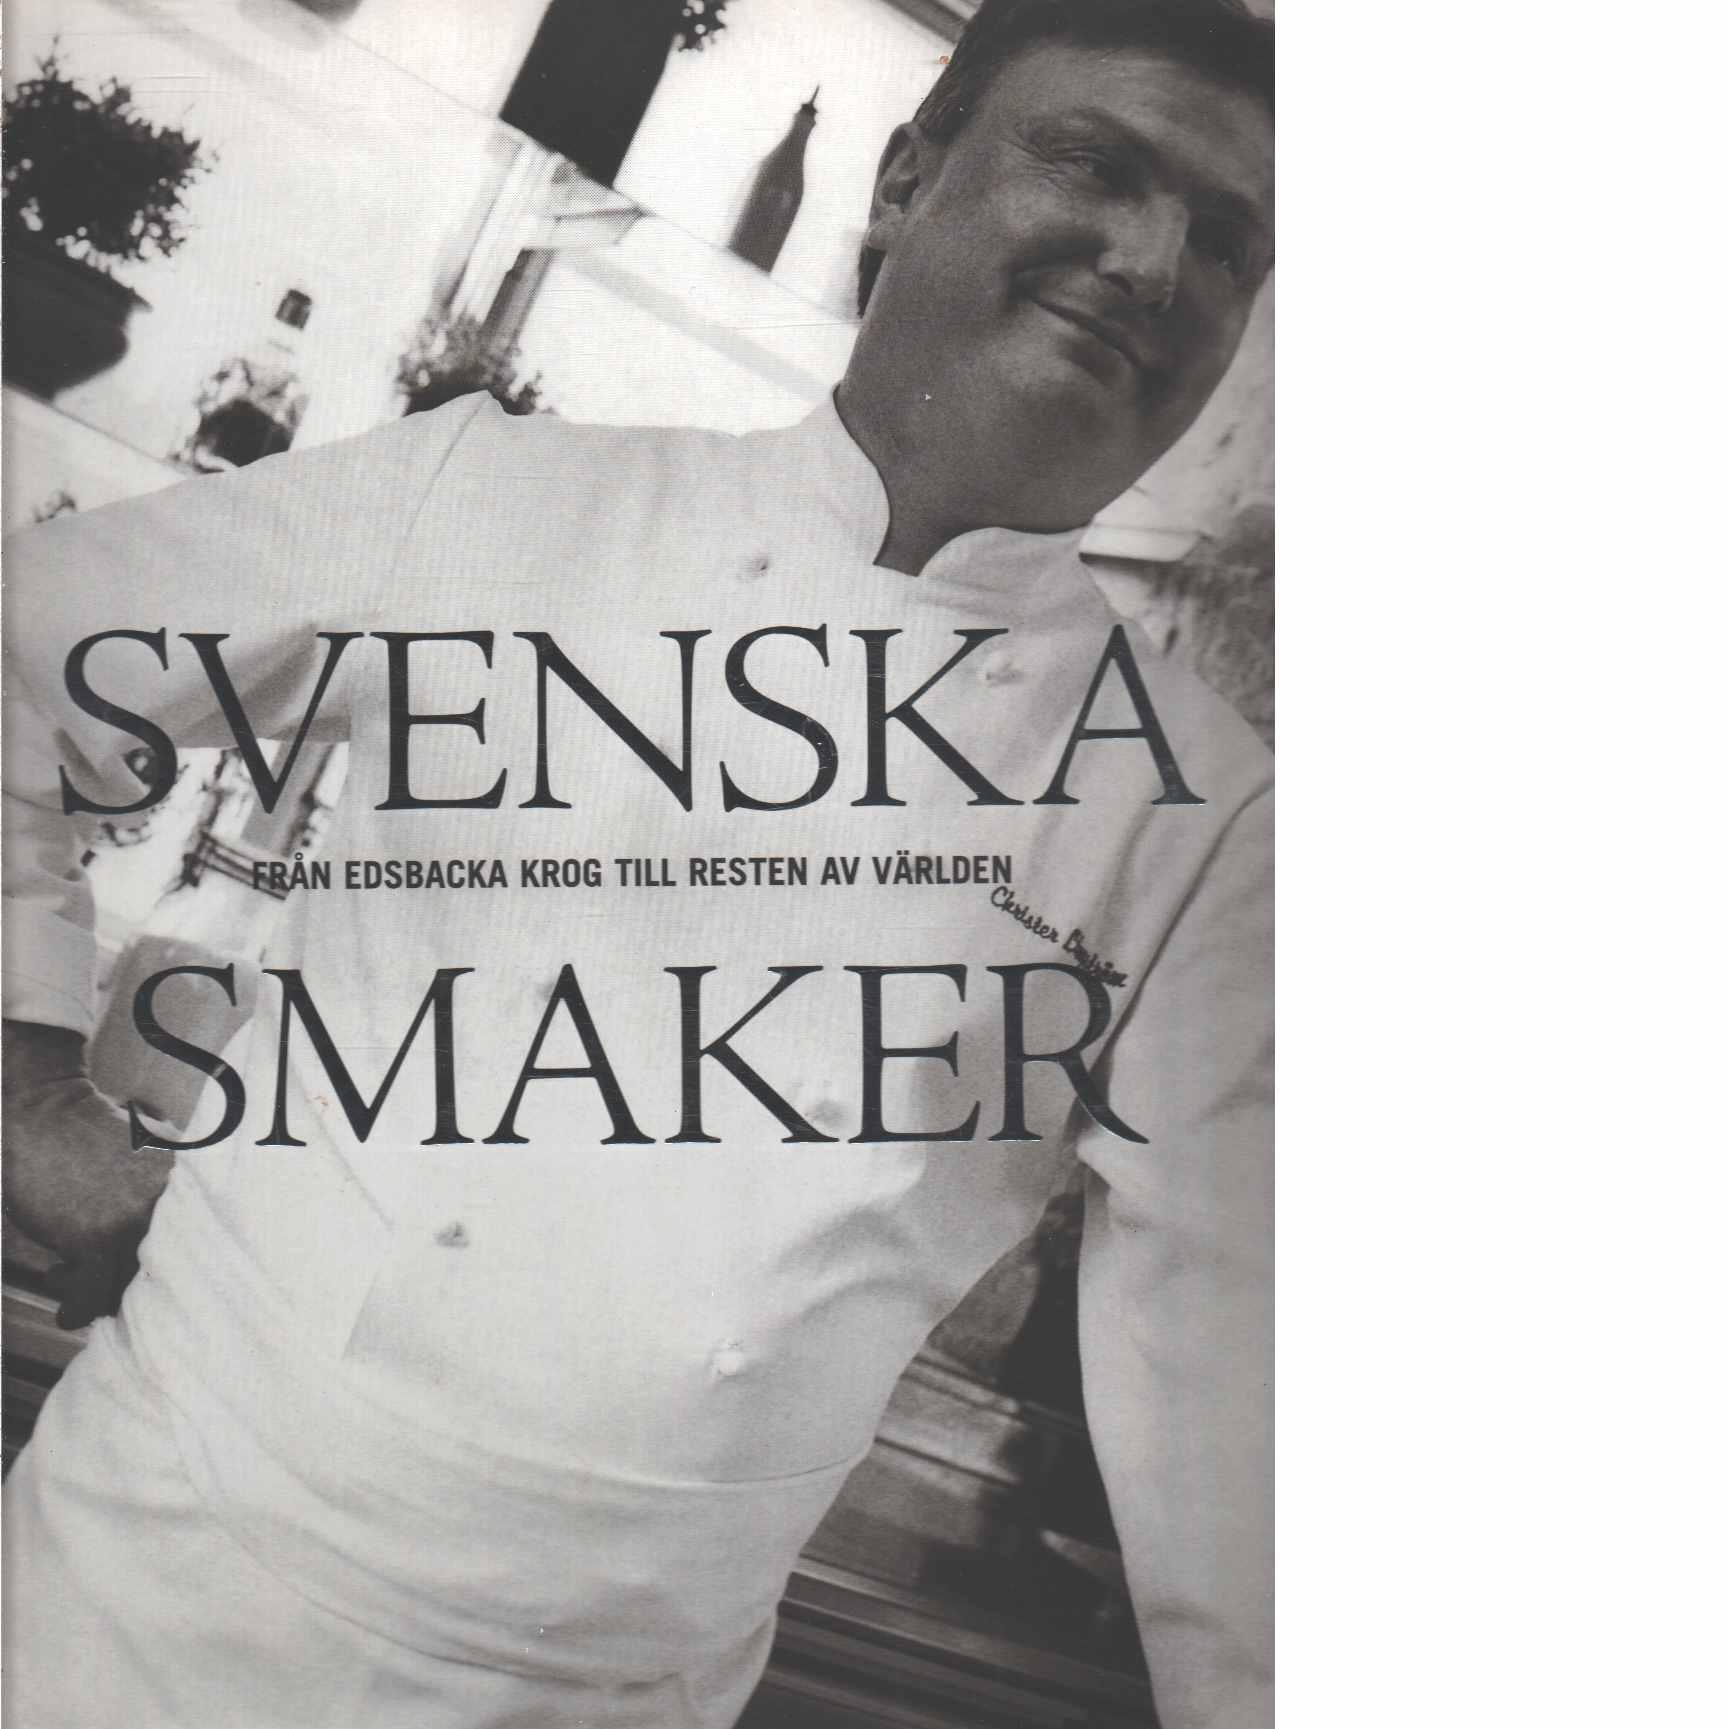 Svenska smaker : från Edsbacka krog till resten av världen  - Lingström, Christer och Unge, Ingemar